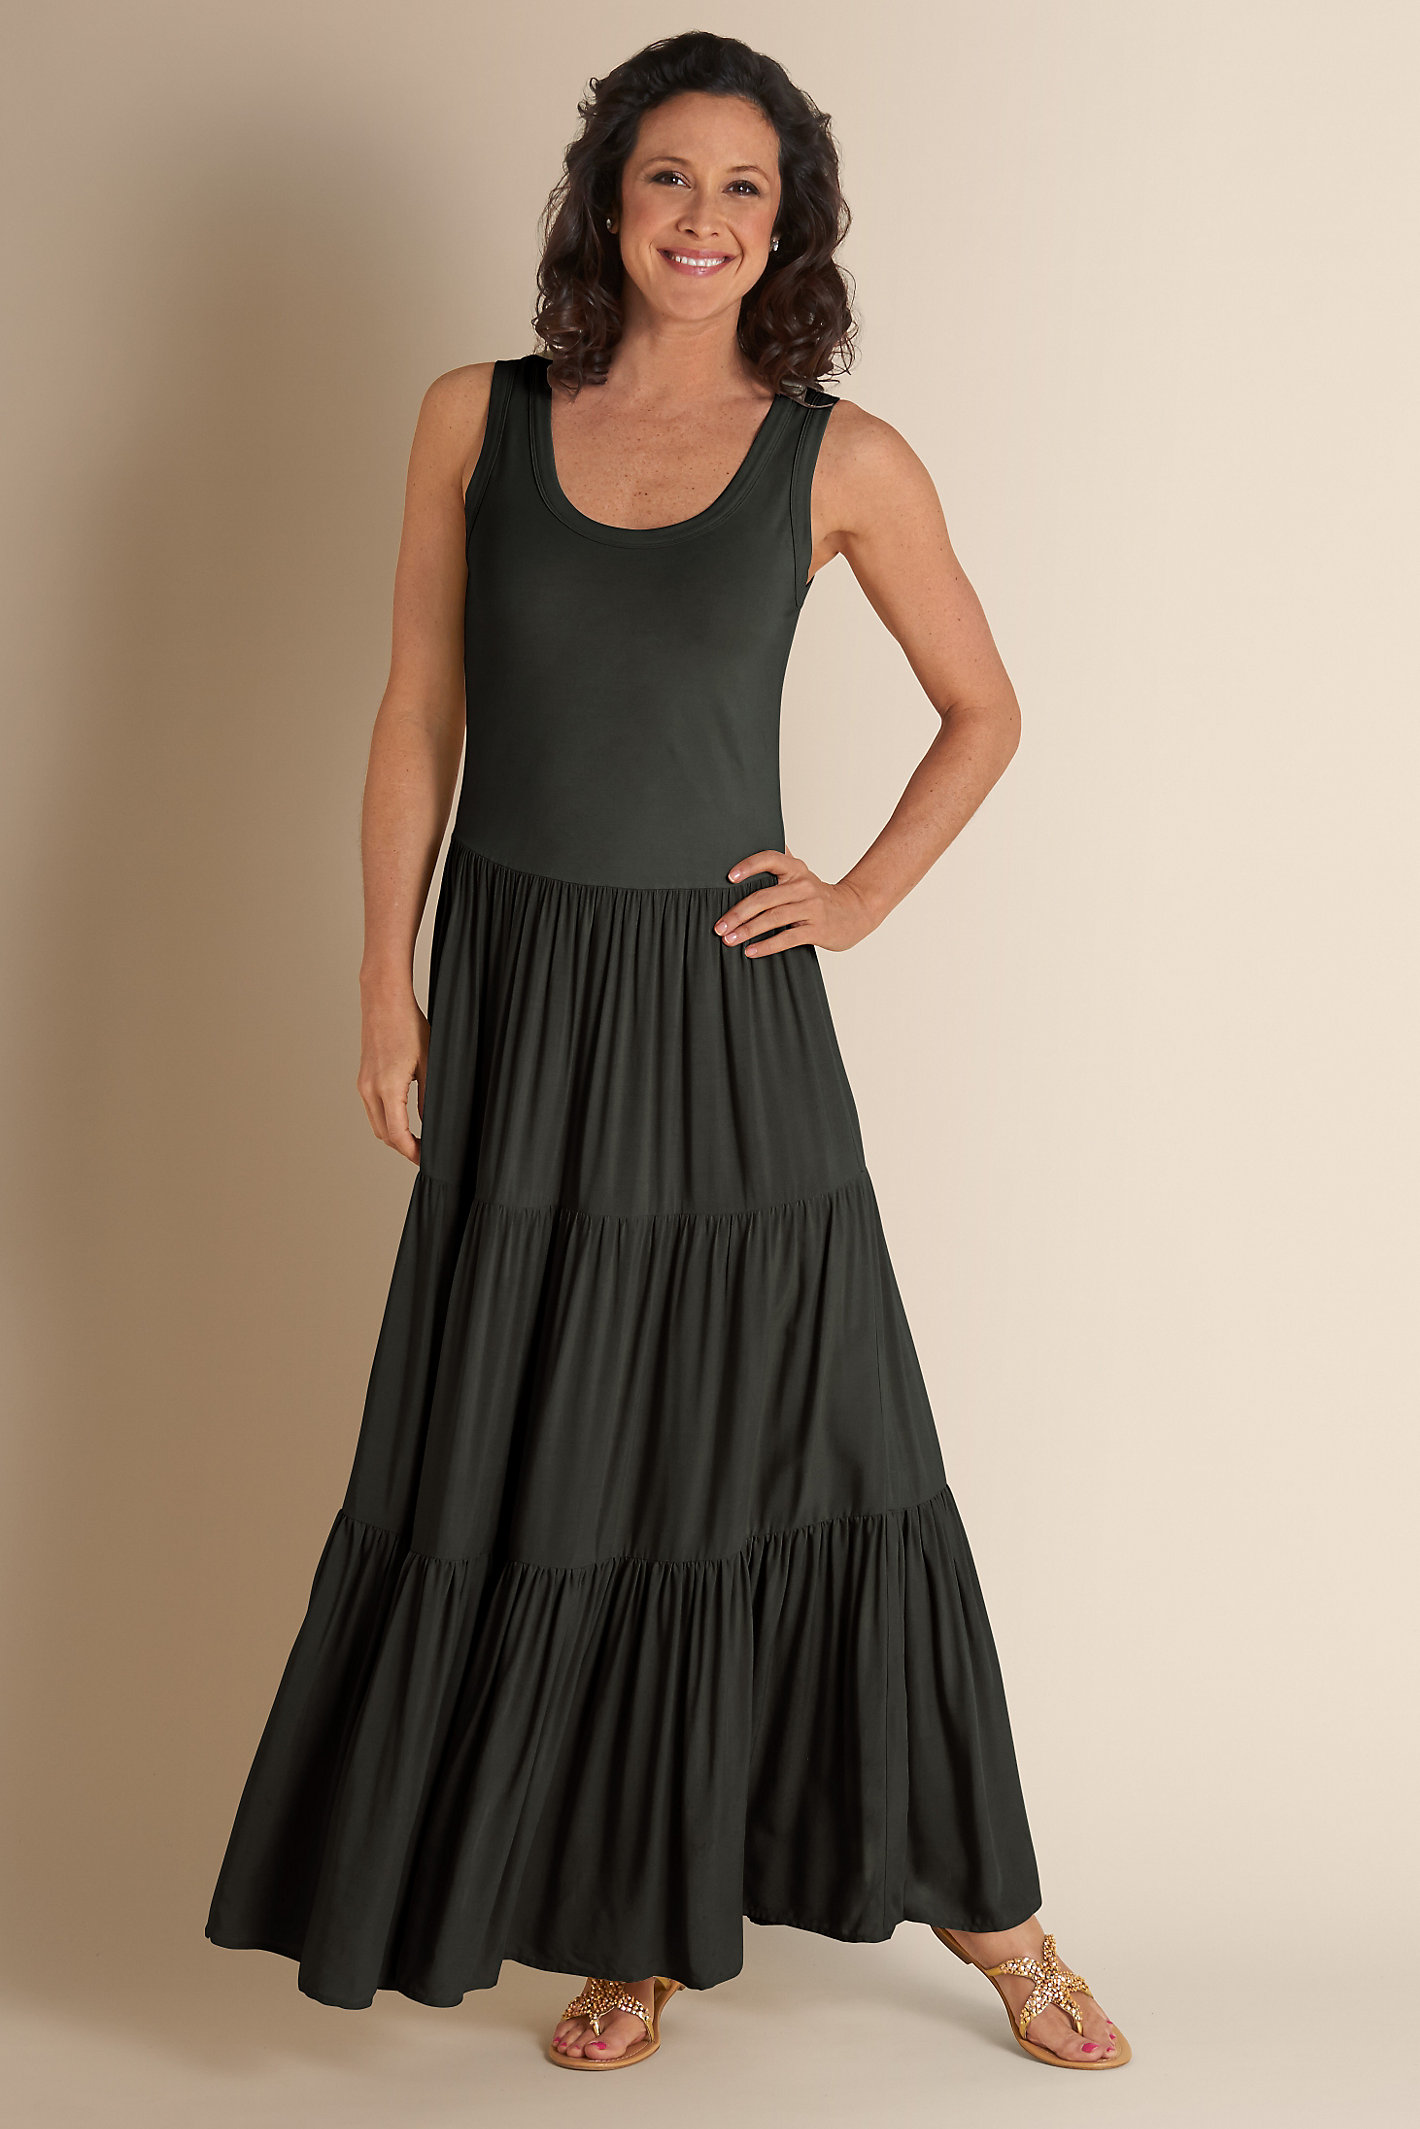 Tall Slimming Maxi Dress